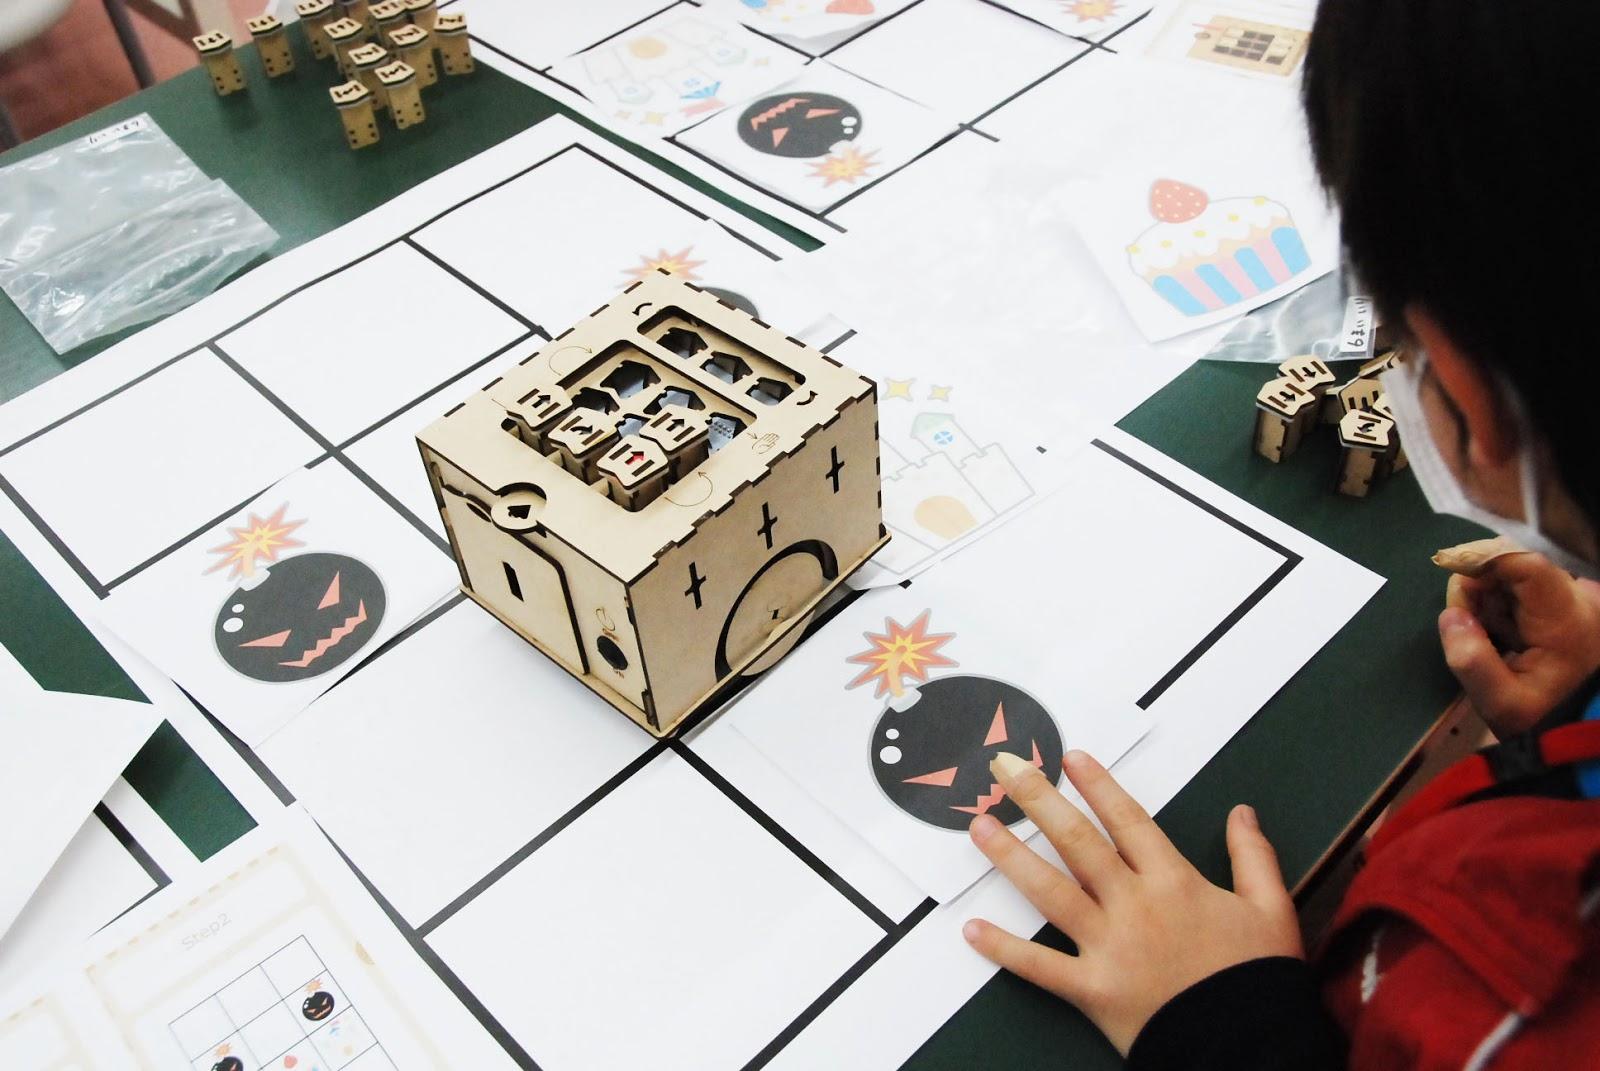 ロボット&プログラミング教室【親子教室】「PETSとあそぼう-さわれるプログラミング体験-」